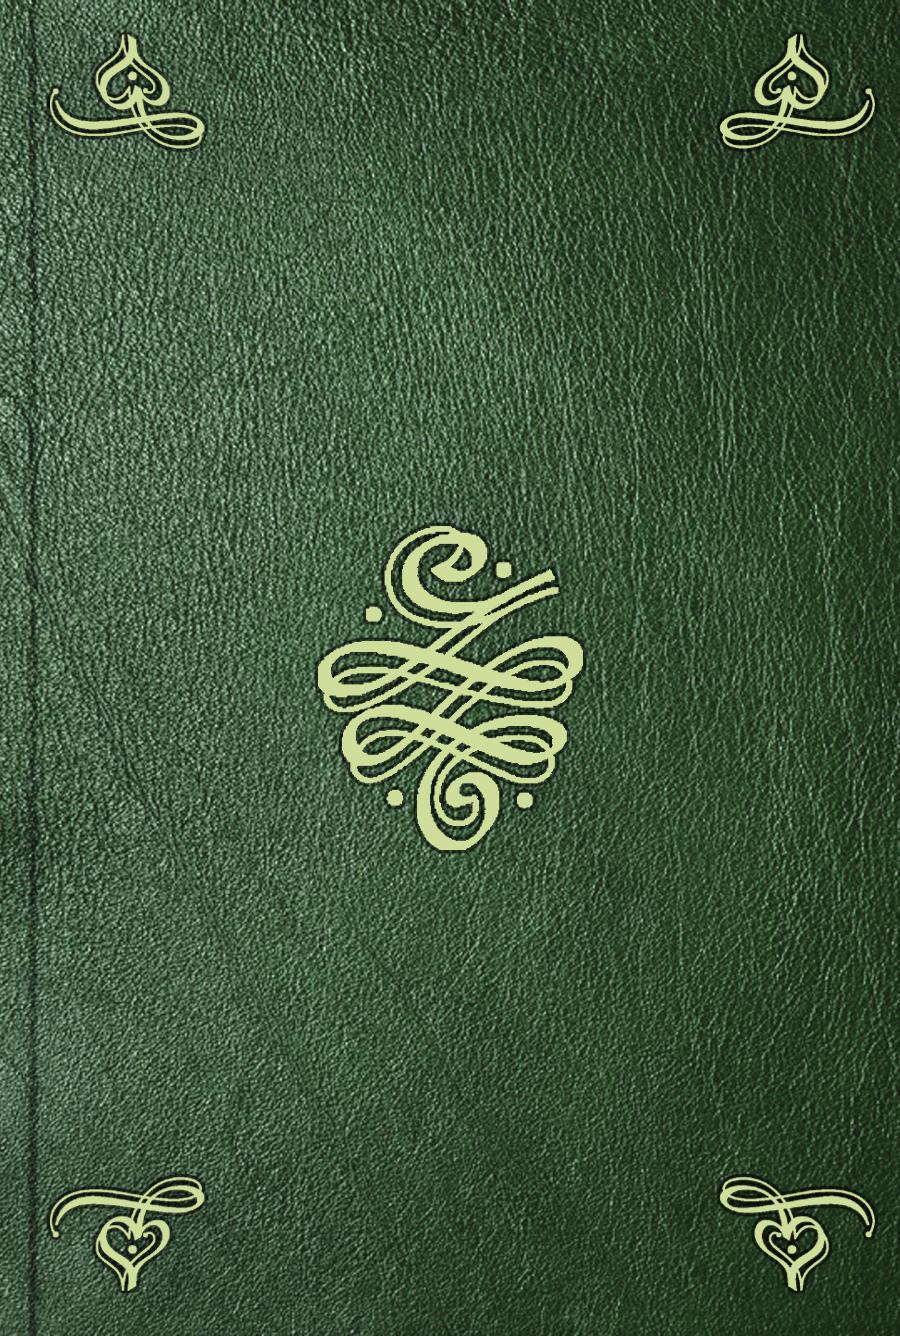 Charles Bonnet Oeuvres d'histoire naturelle et de philosophie. T. 14 charles bonnet oeuvres d histoire naturelle et de philosophie t 16